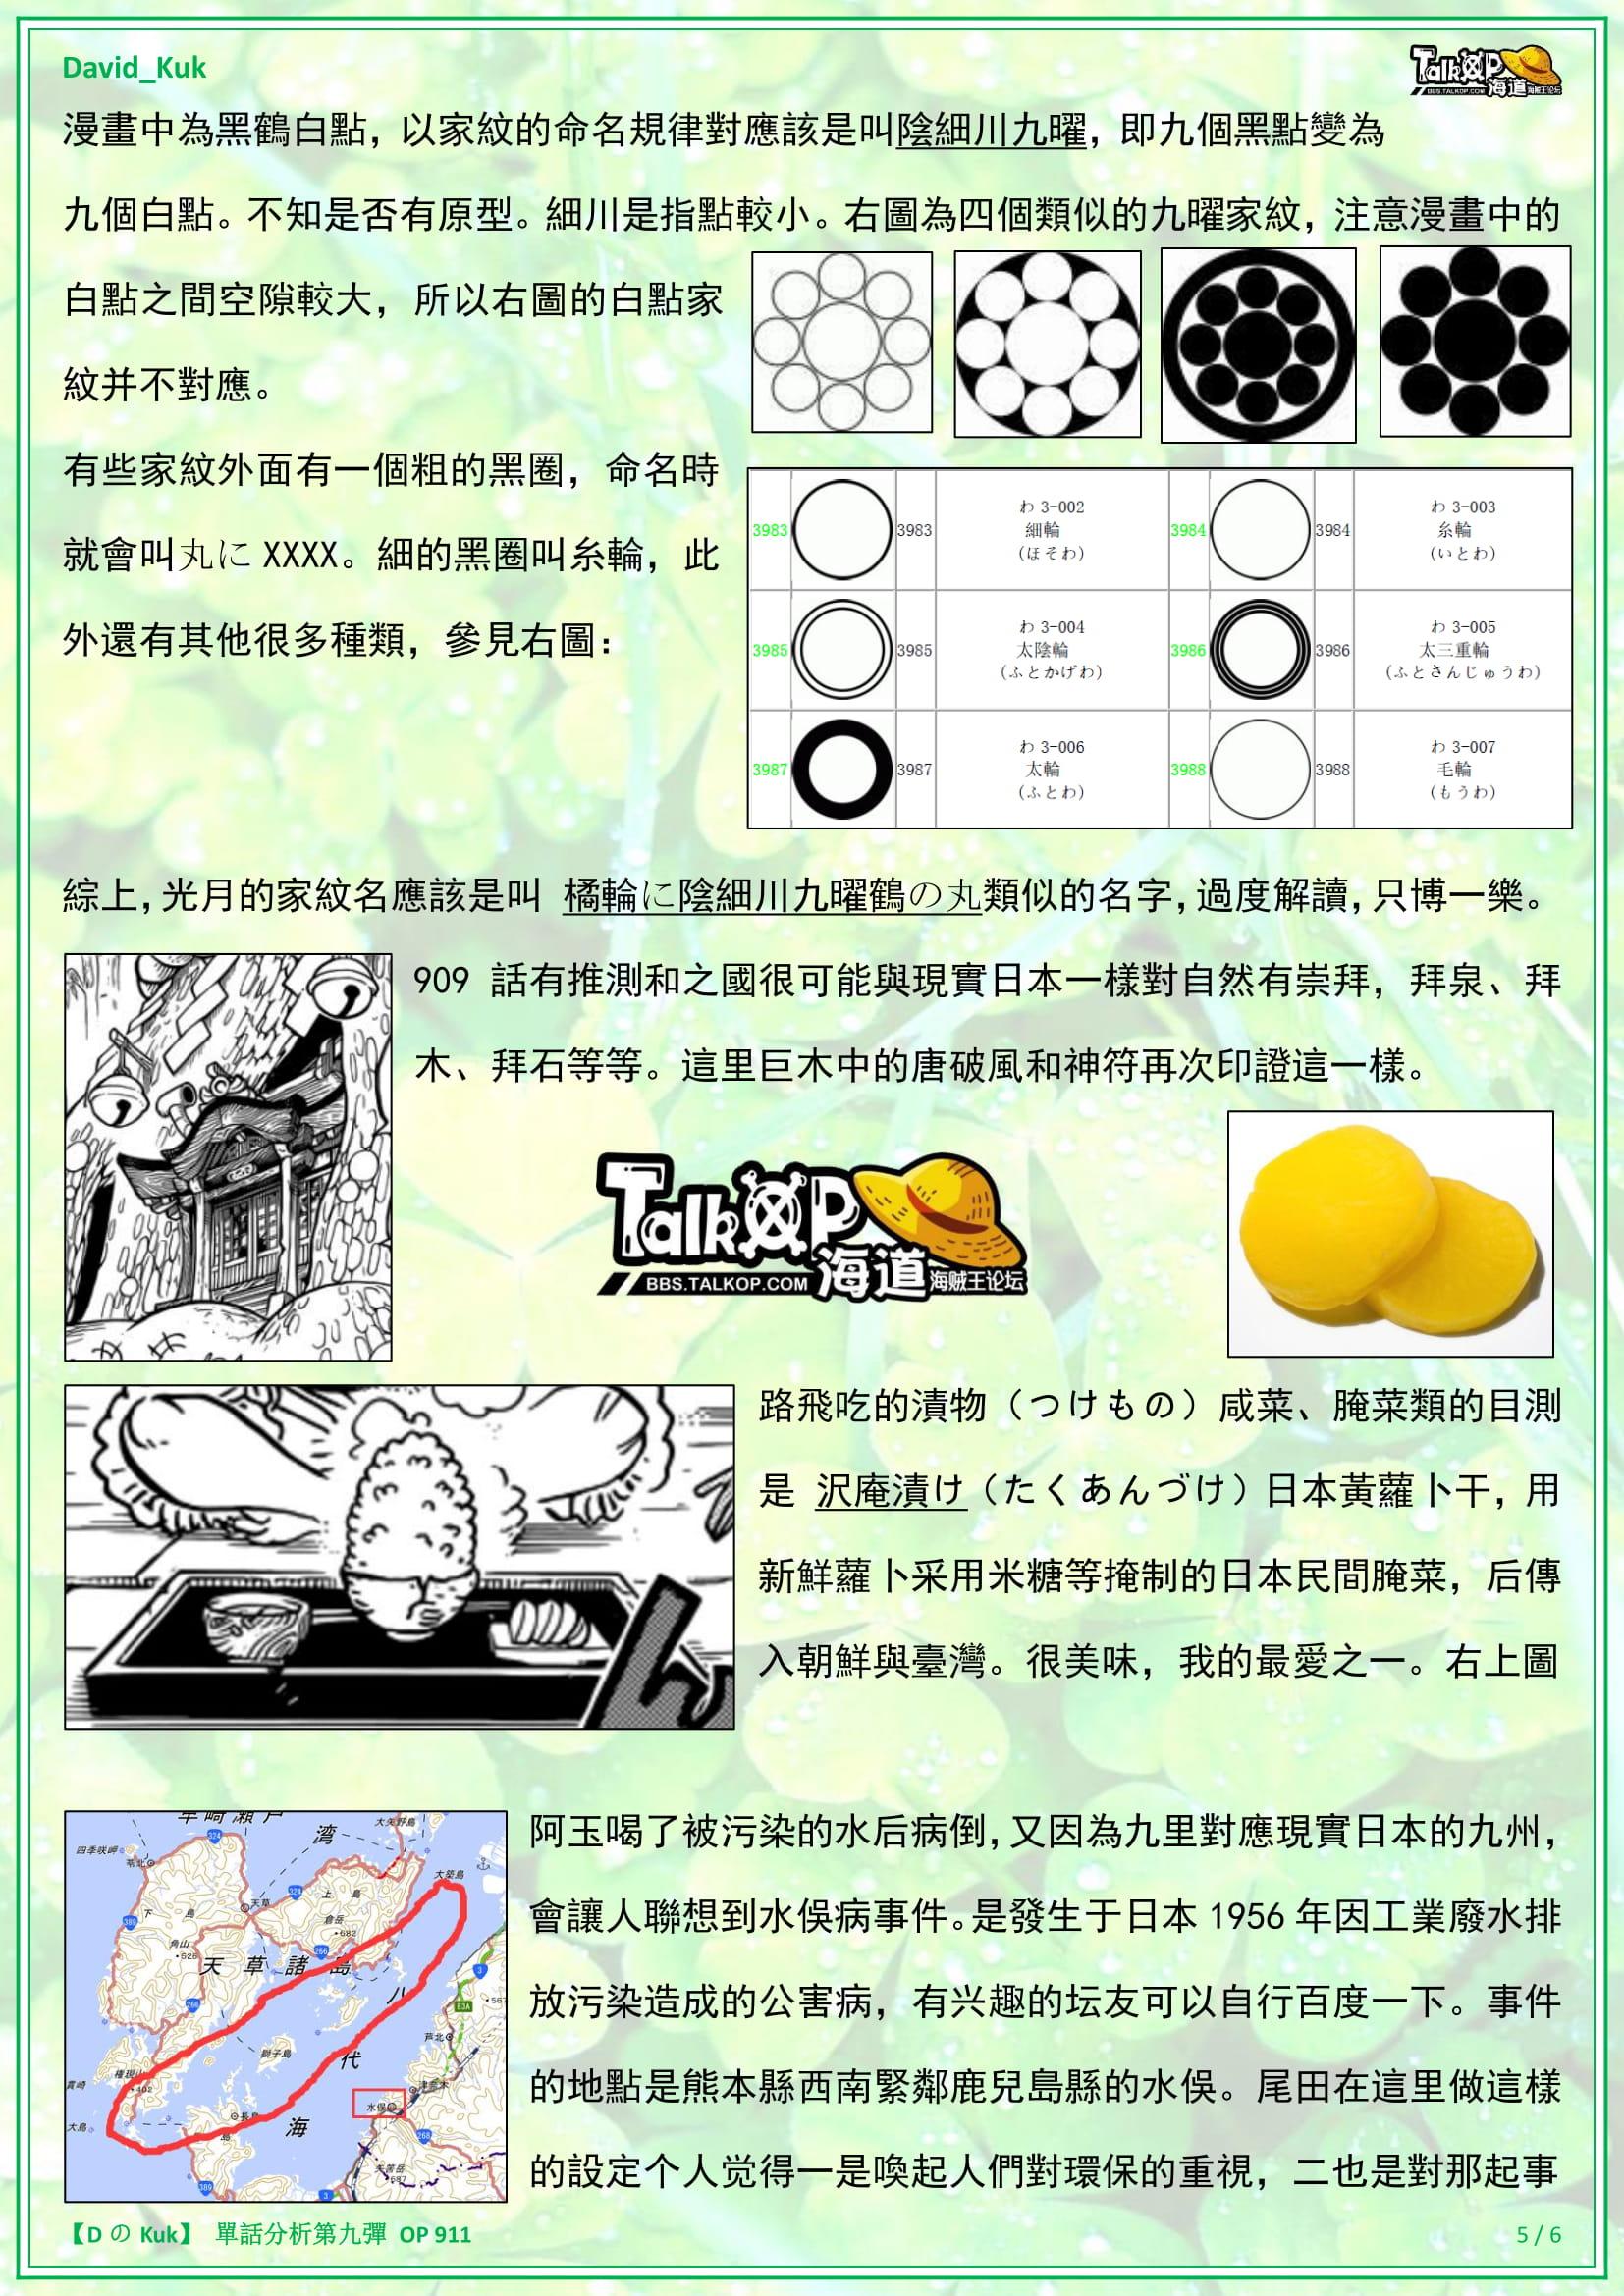 【DのKuk】 單話分析第九彈 OP911v2.-5.jpg